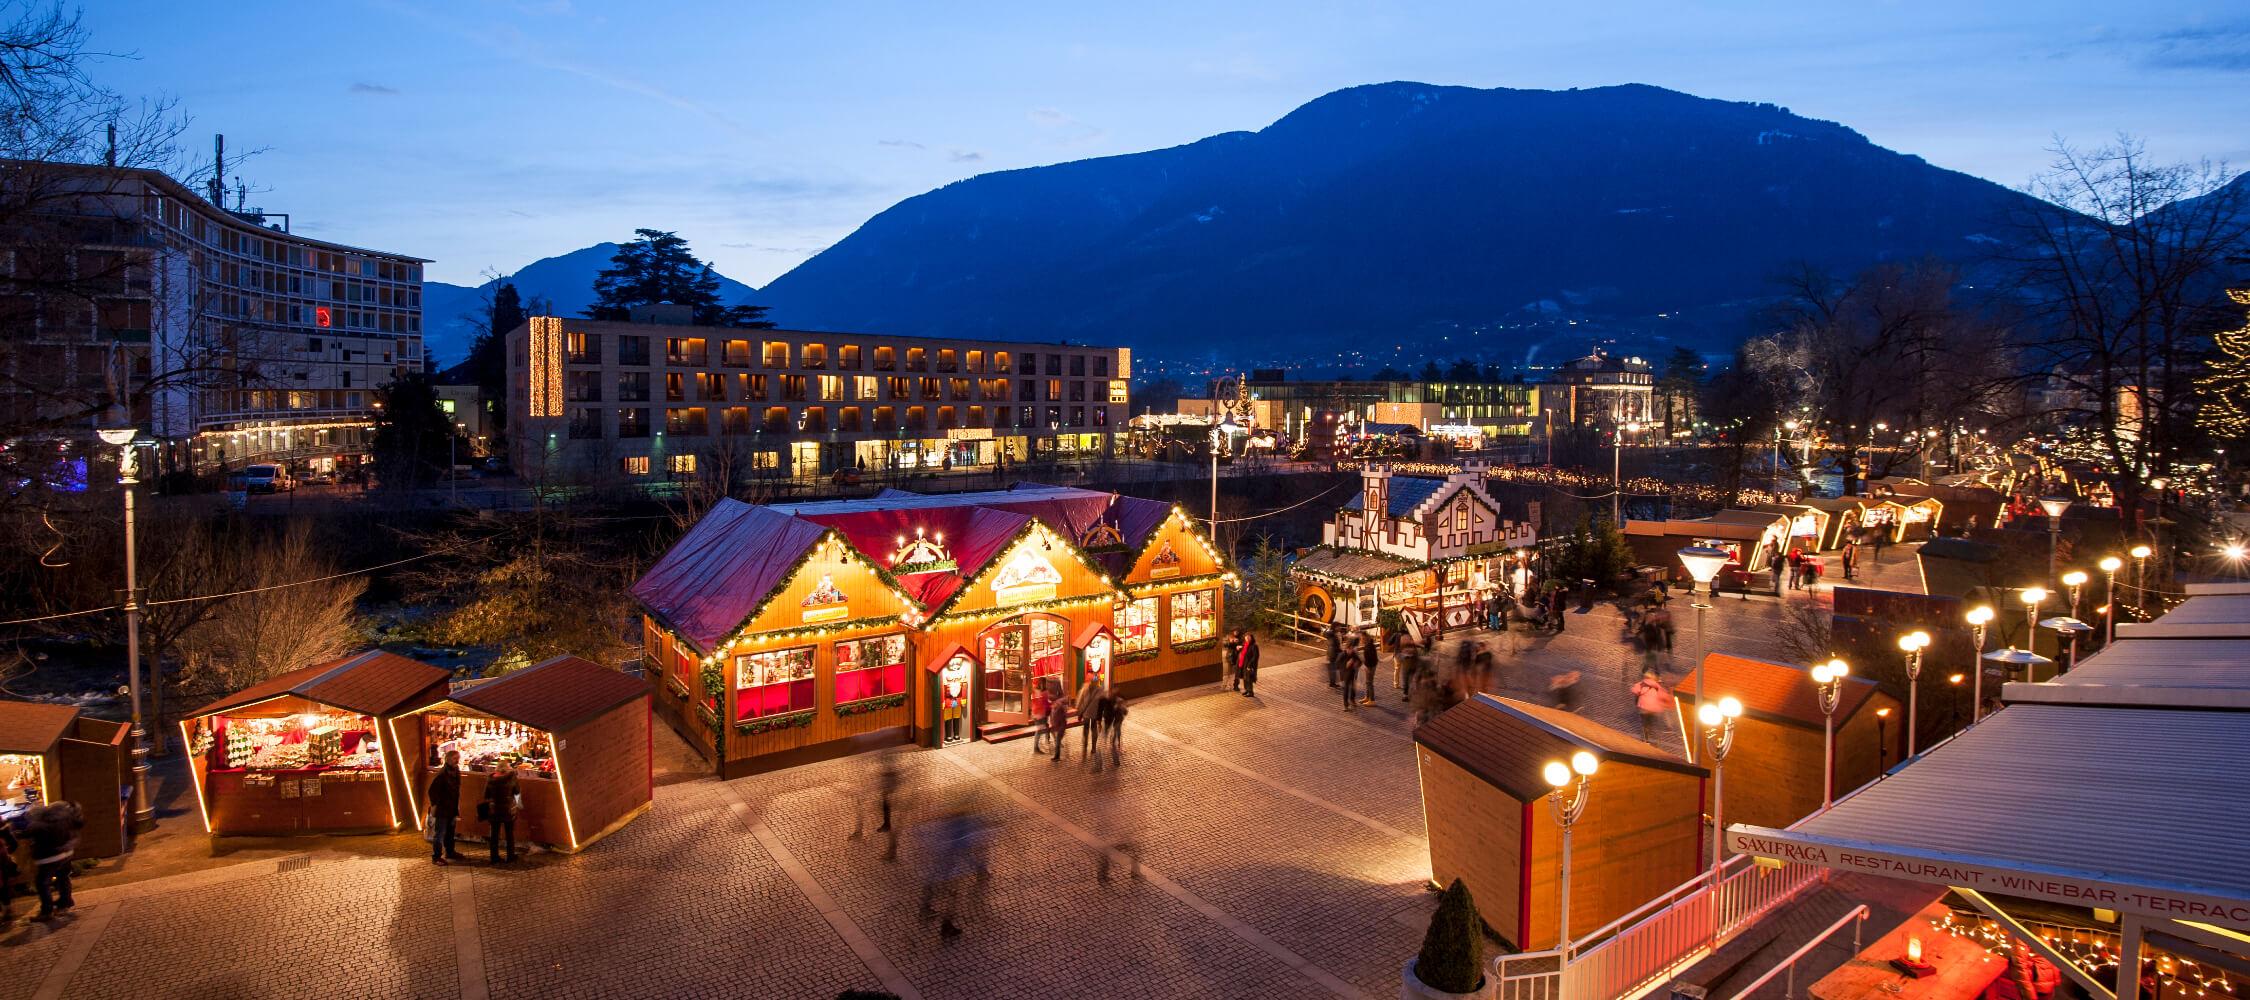 Italien-Trentino_Suedtirol_Alto_Adige_Merano_Meran_Erleben_Weihnachtsmarkt_Weihnachten_Winter_Nacht_Kurverwaltung-Alex_Filz_mgm01251_2250x1000